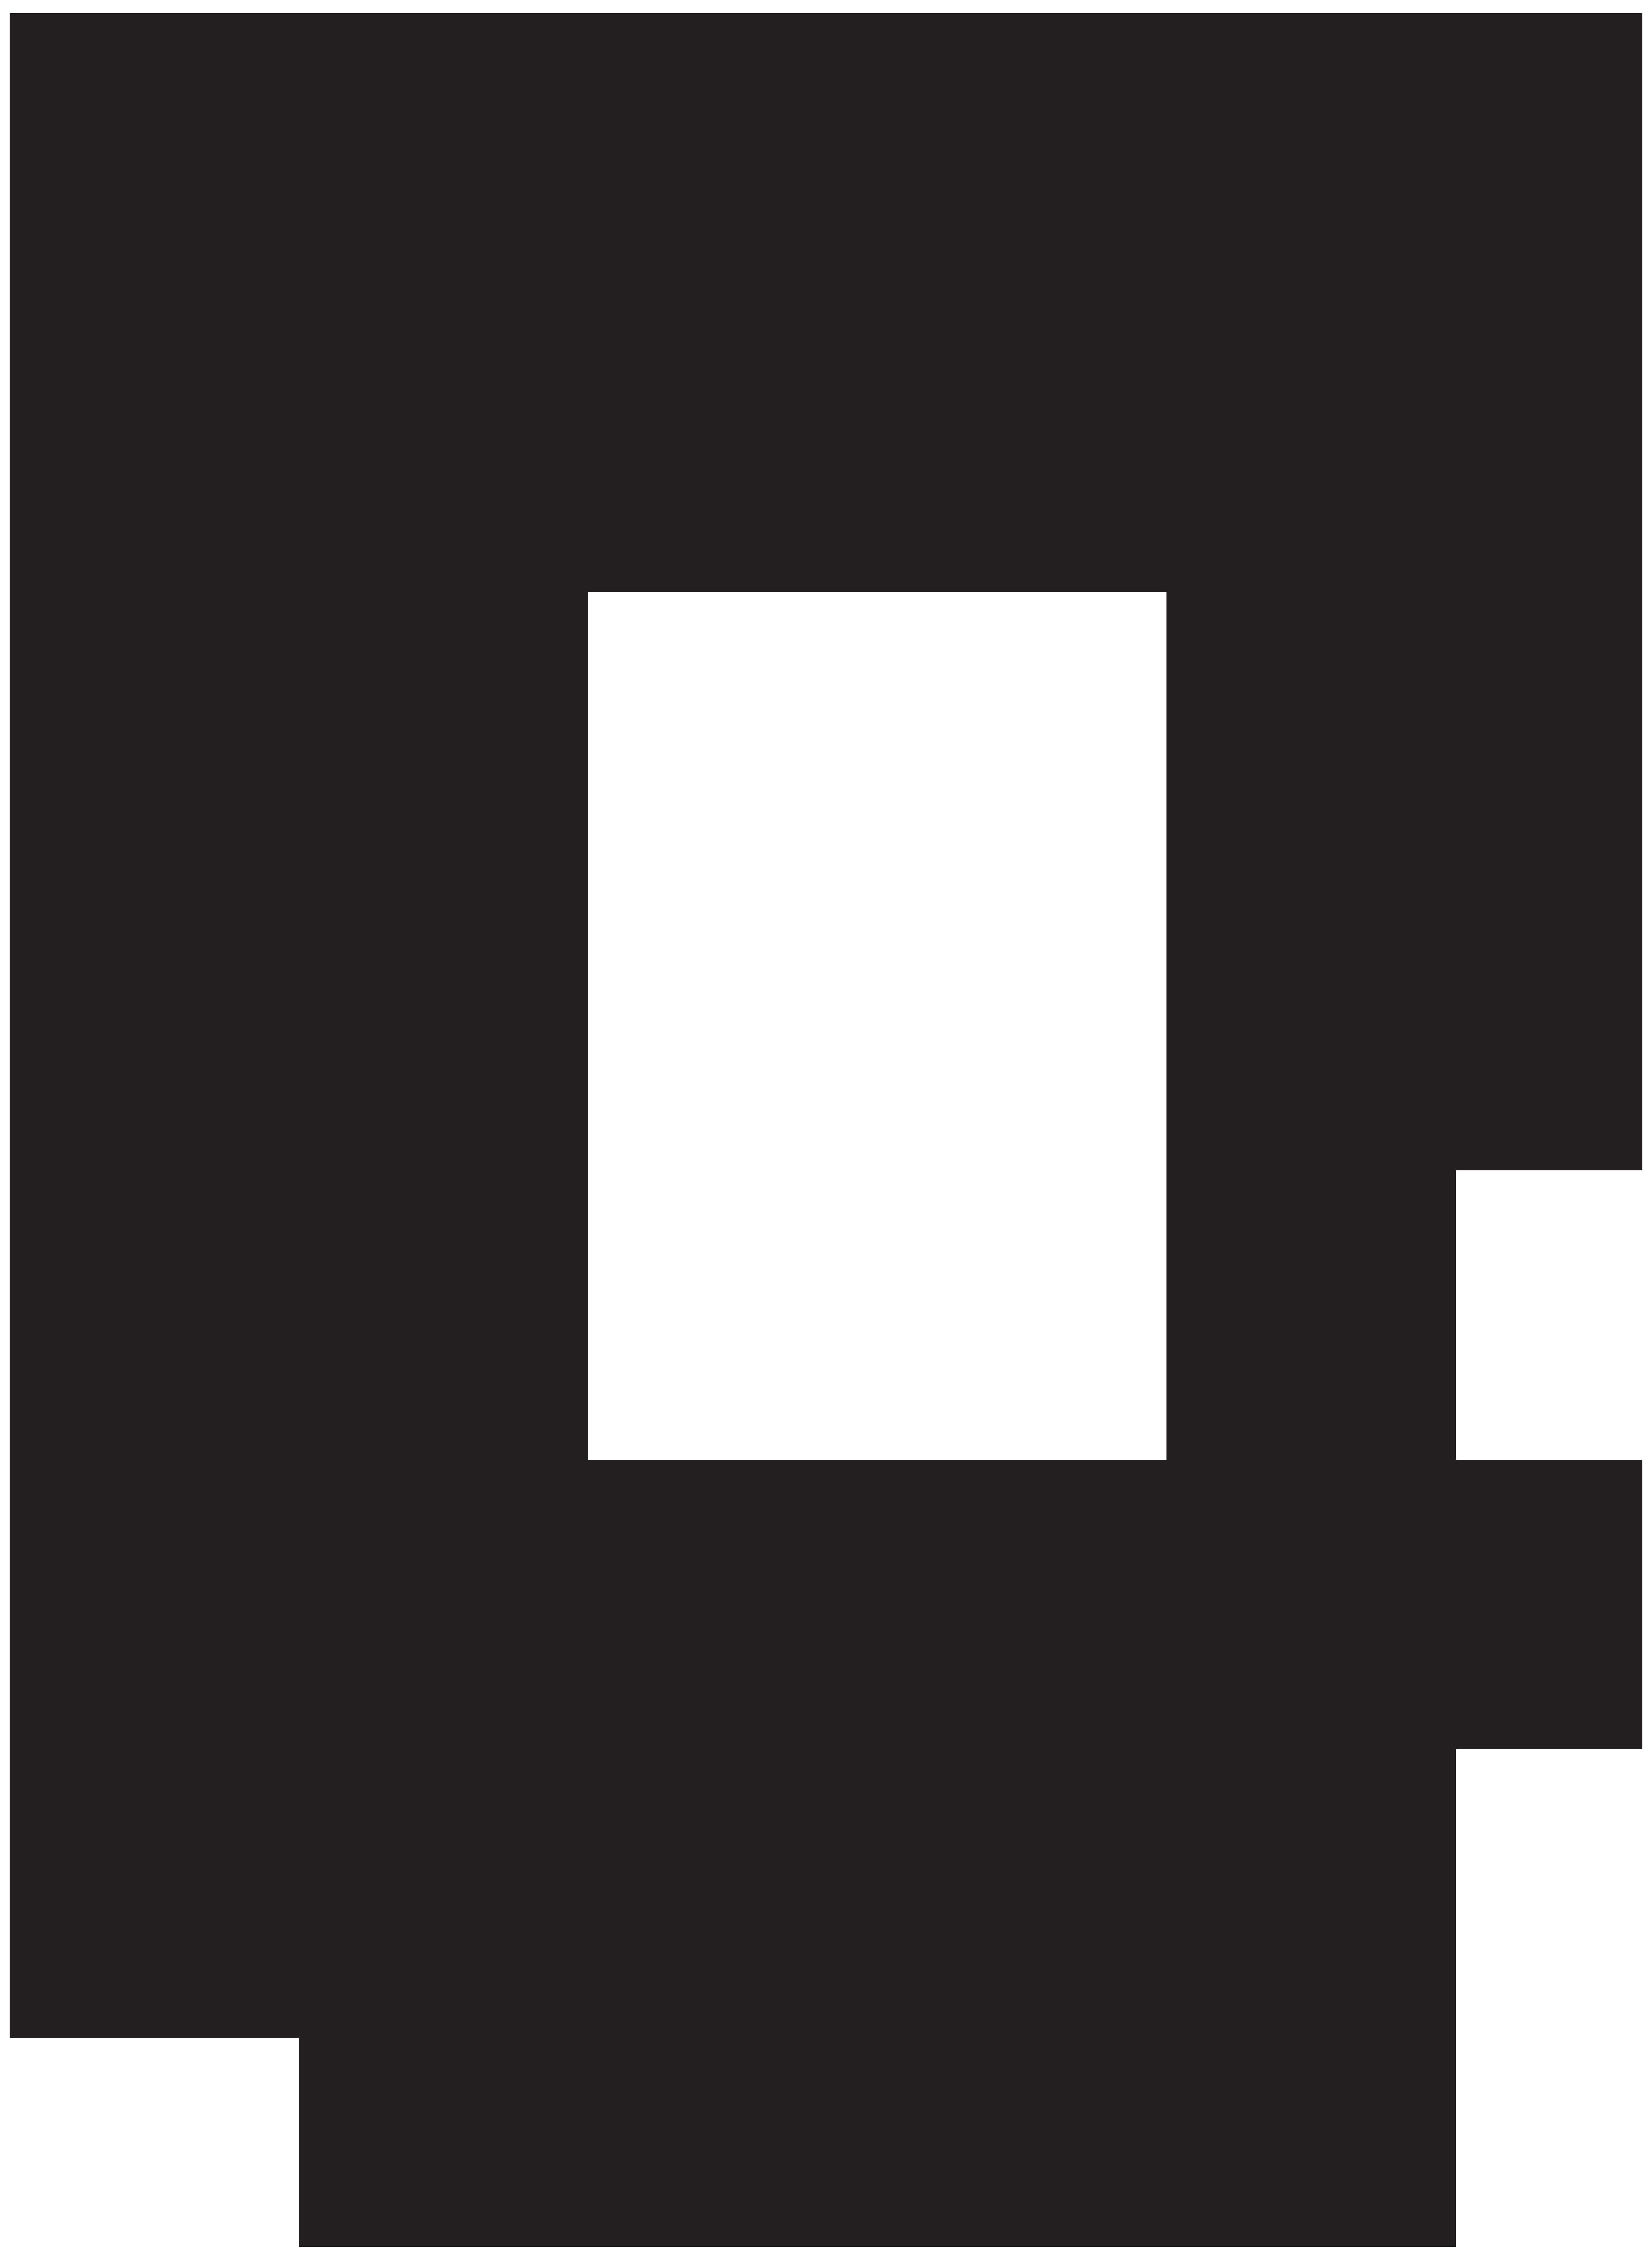 Man Hair Beard Mustache PNG Clip Art Image.